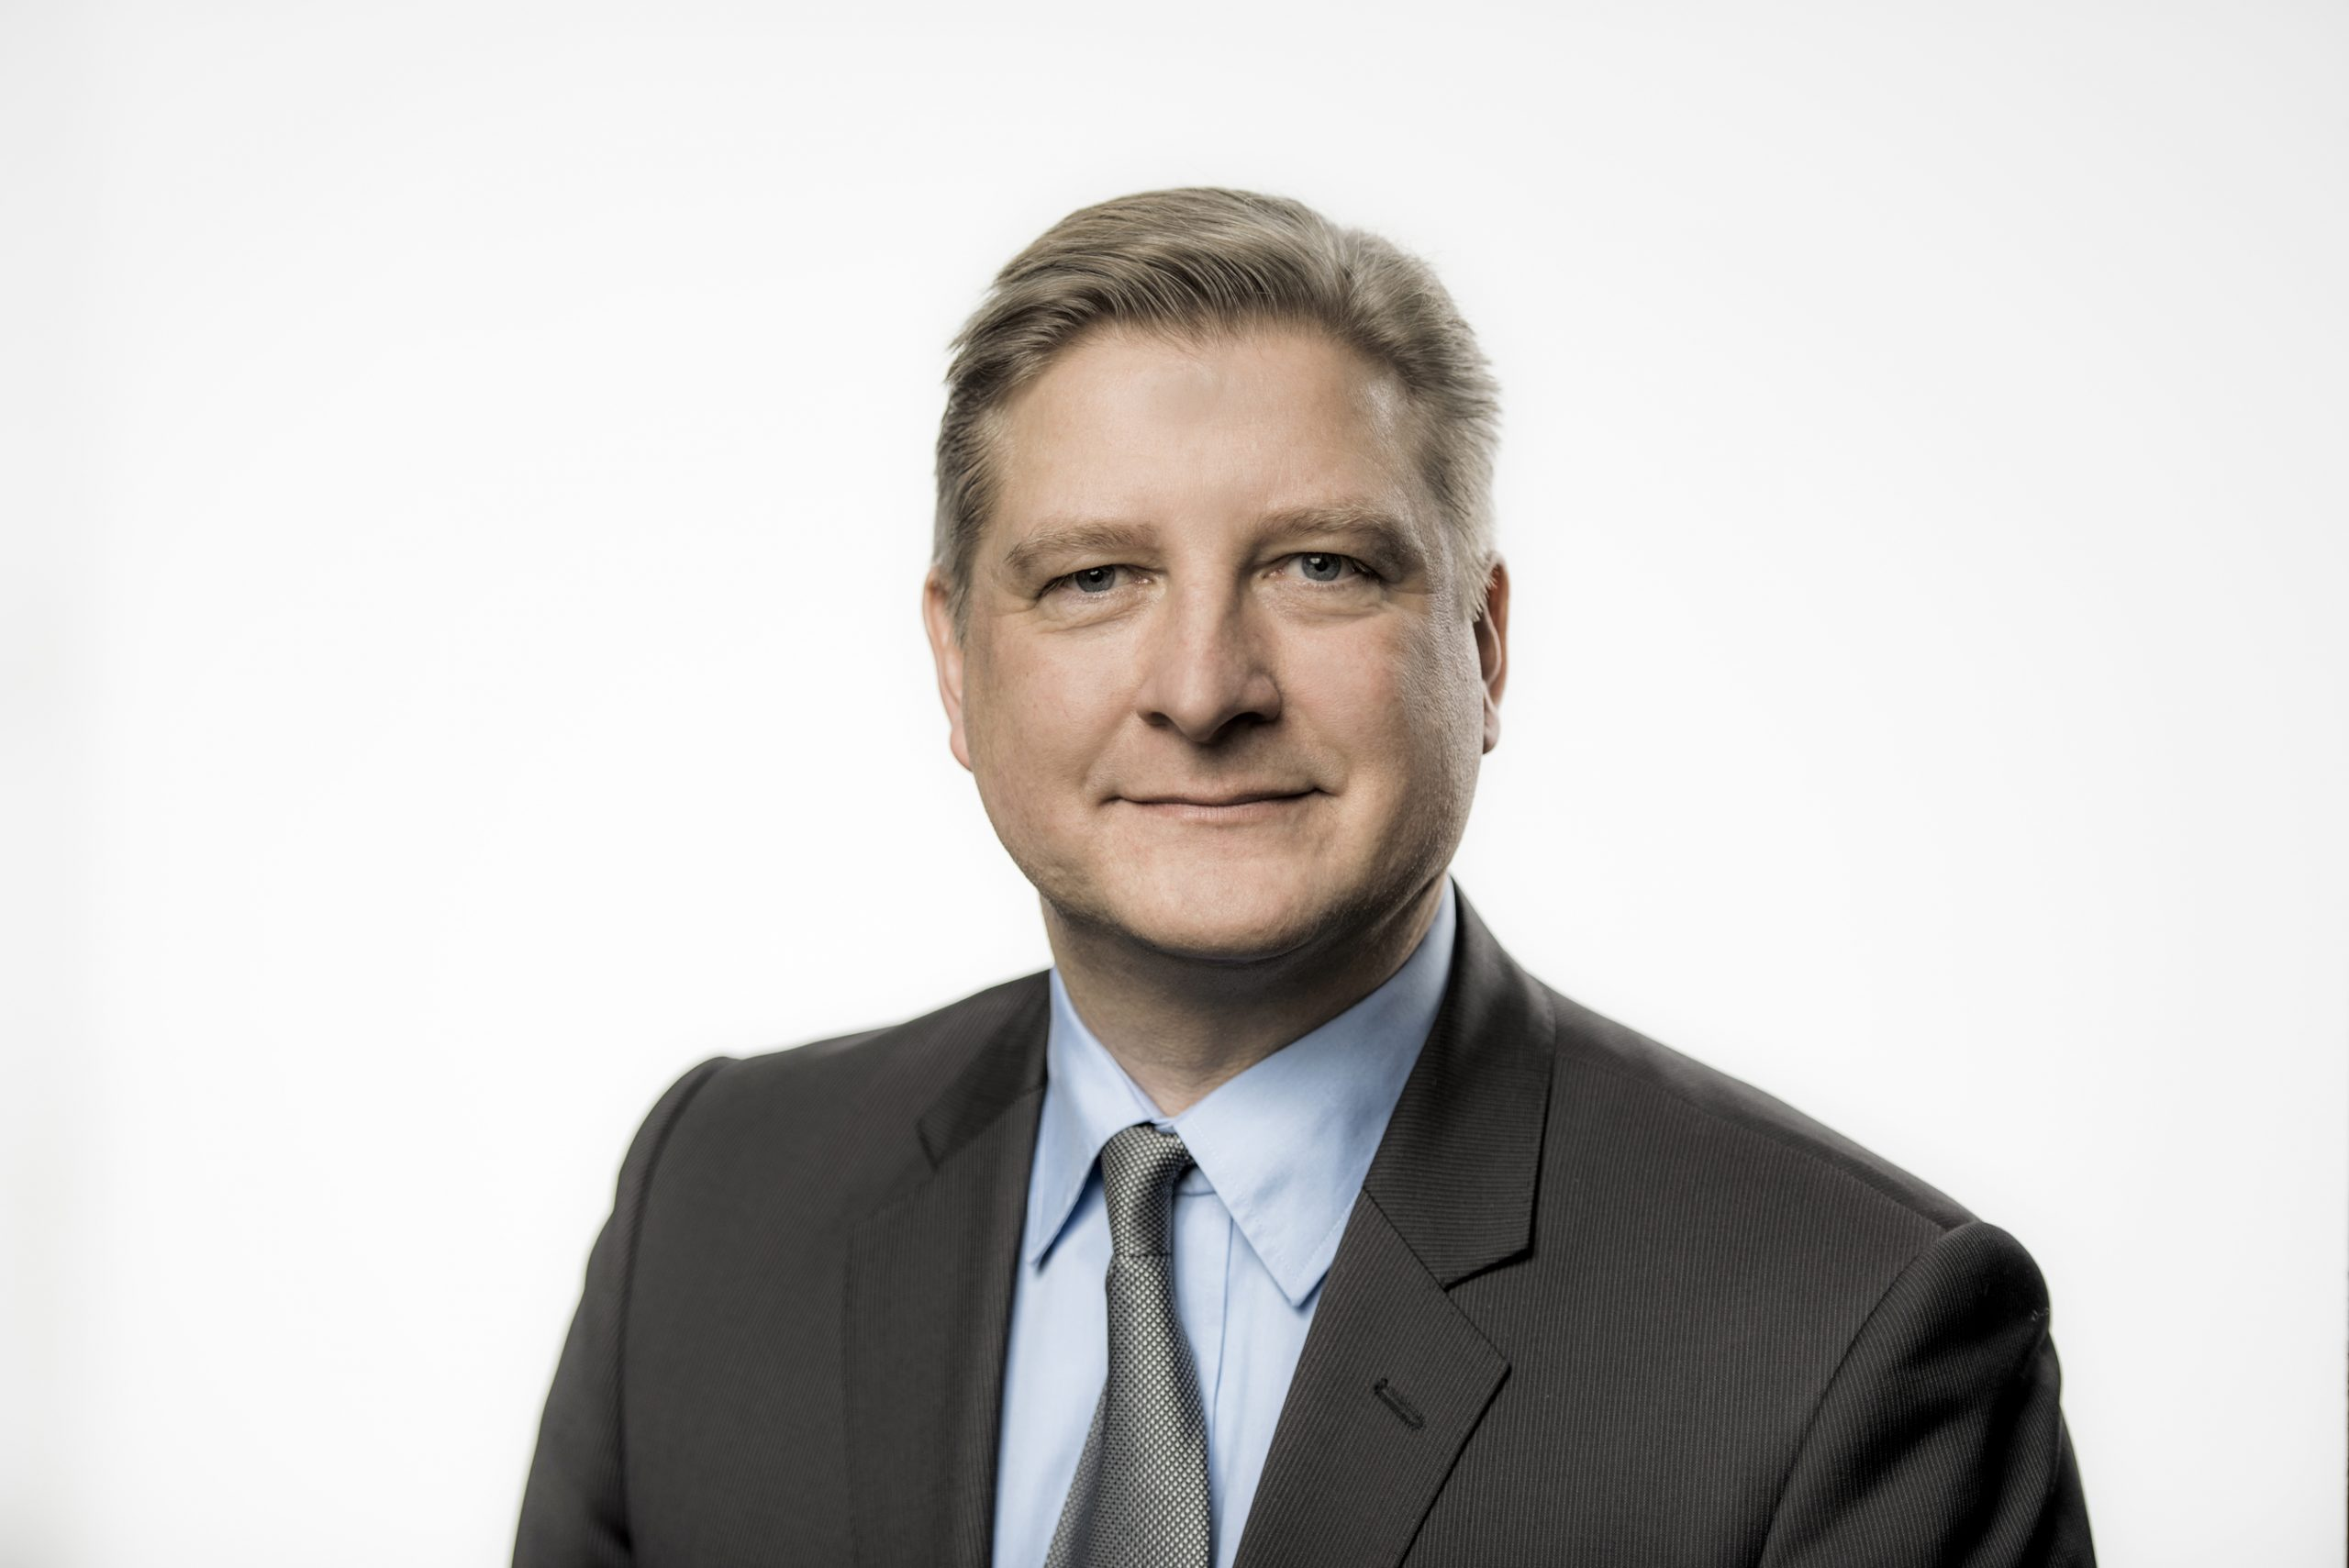 Hans Gerd Mazur